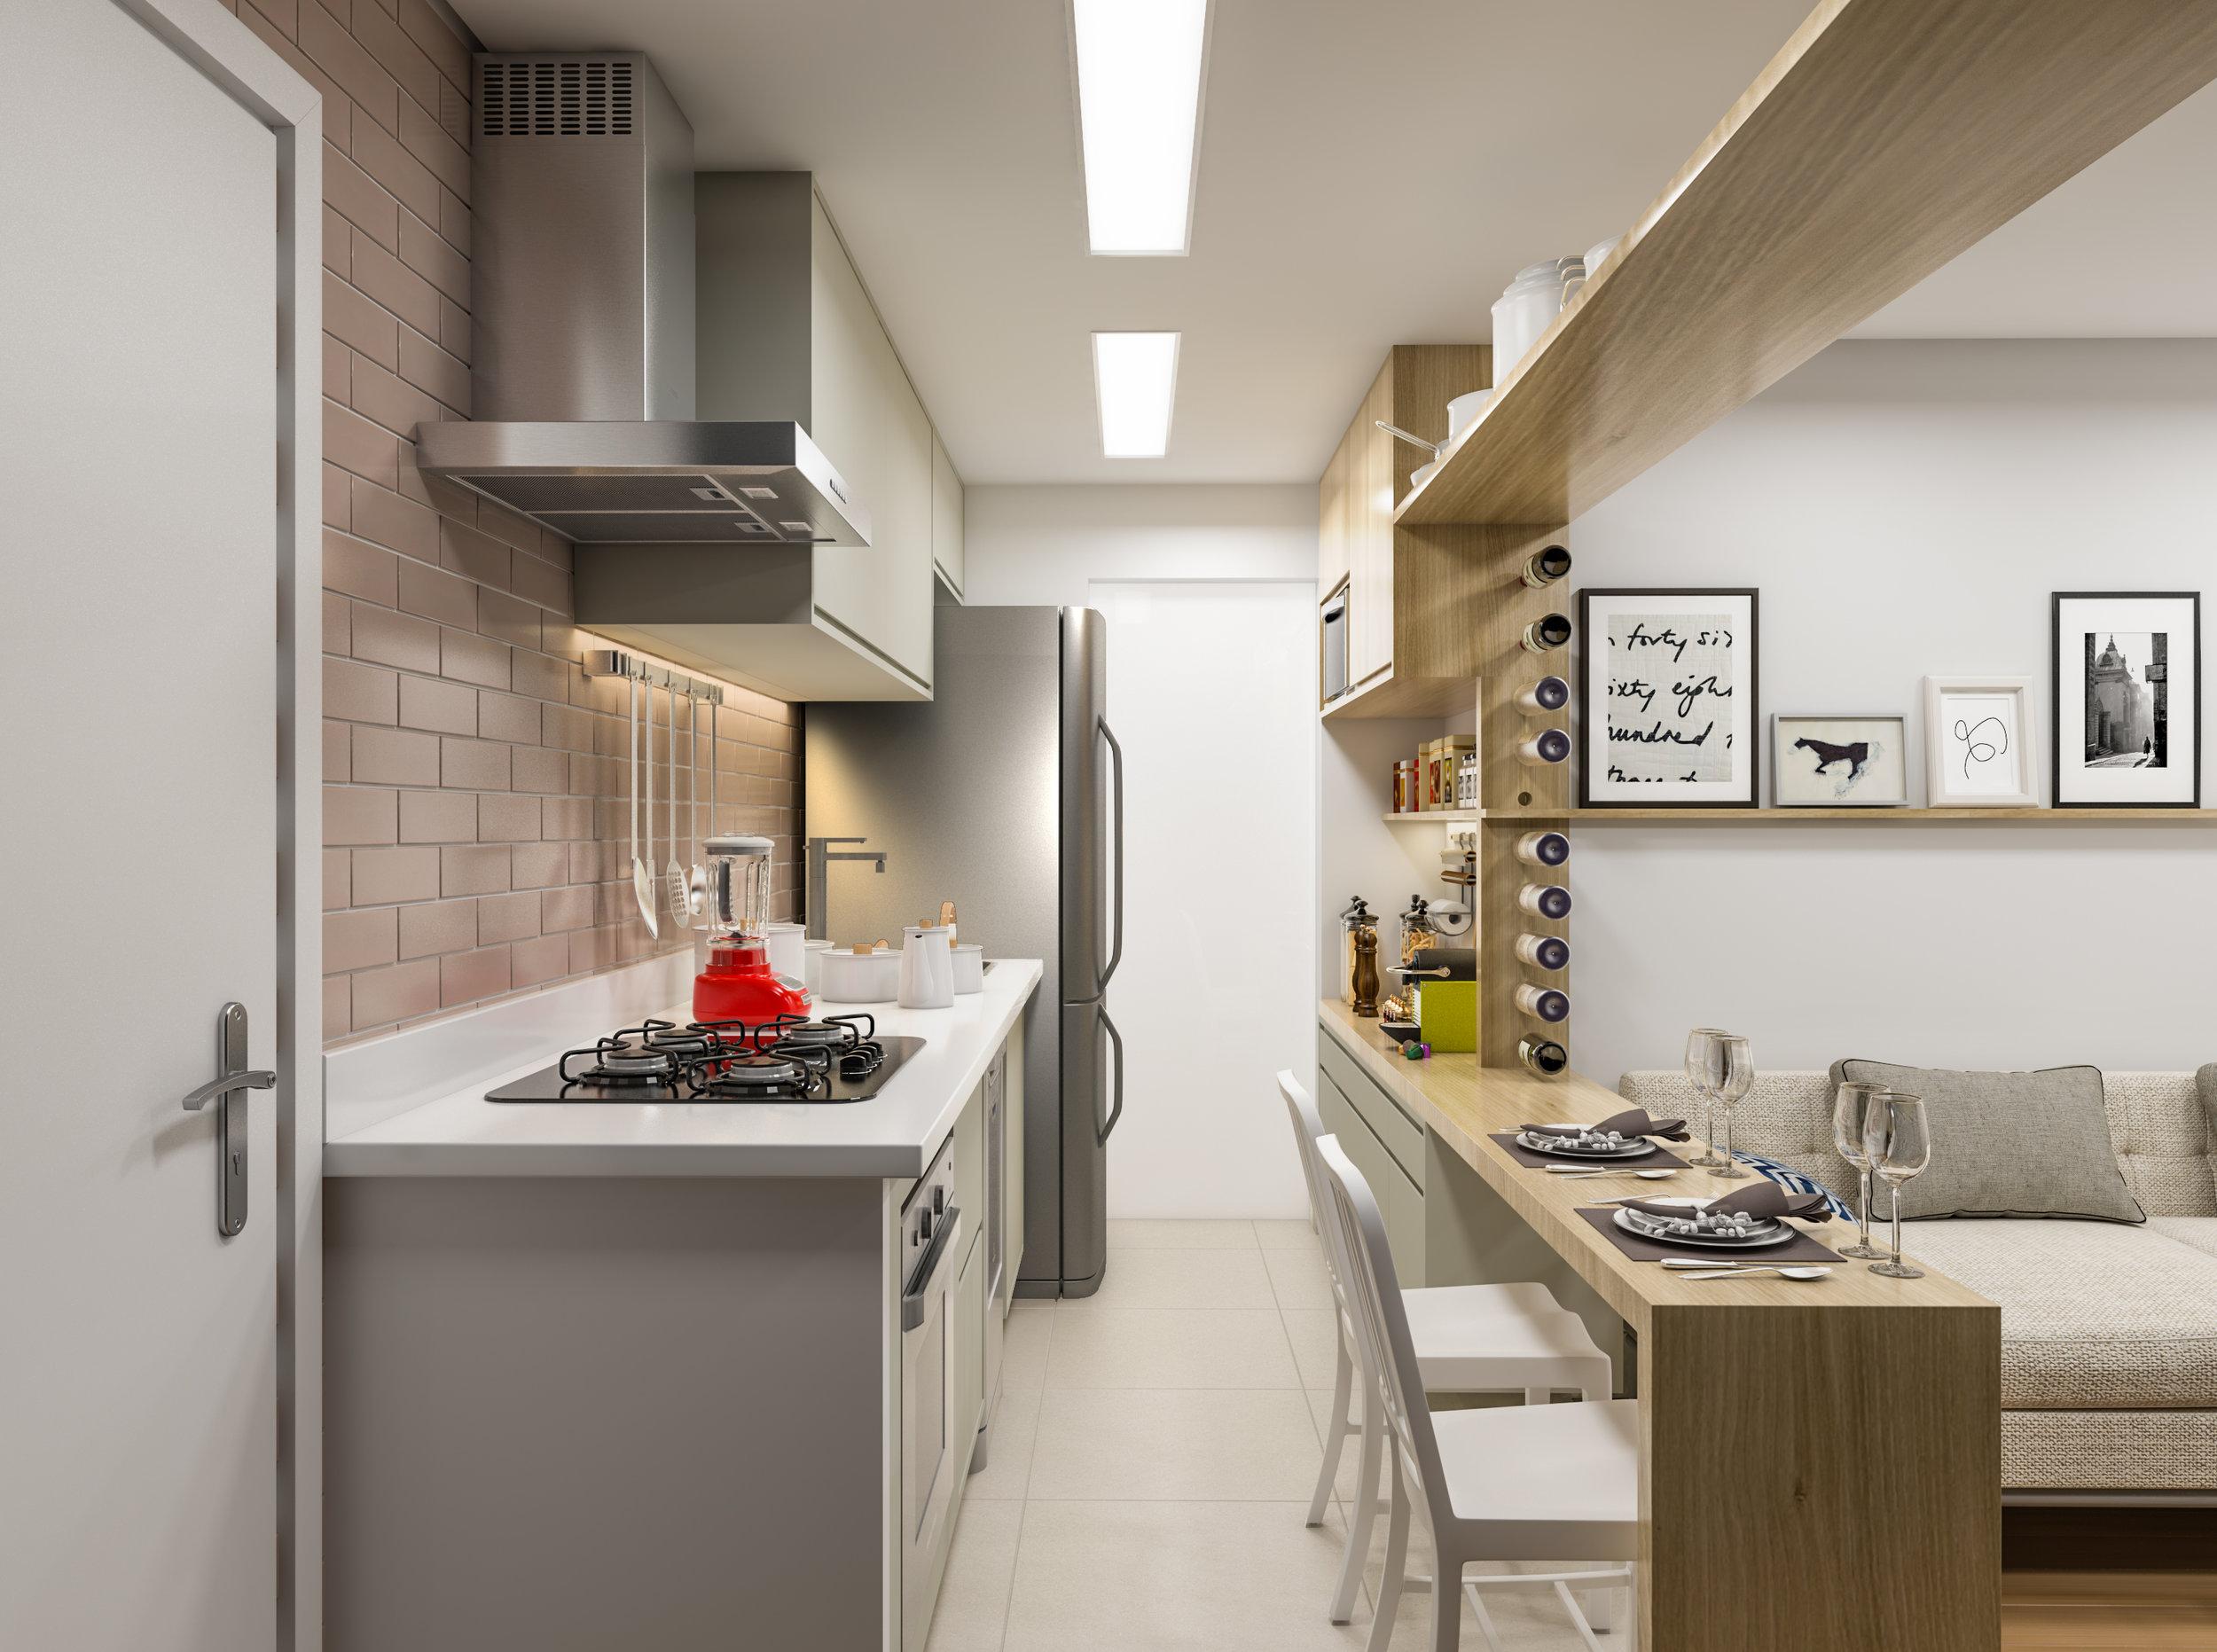 Cozinha  Apto Av. Suzana - Vila Gumercindo - São Paulo / SP - 90 m2  Projeto: Madi Arquitetura & Design  Imagem: Érica Alfieri